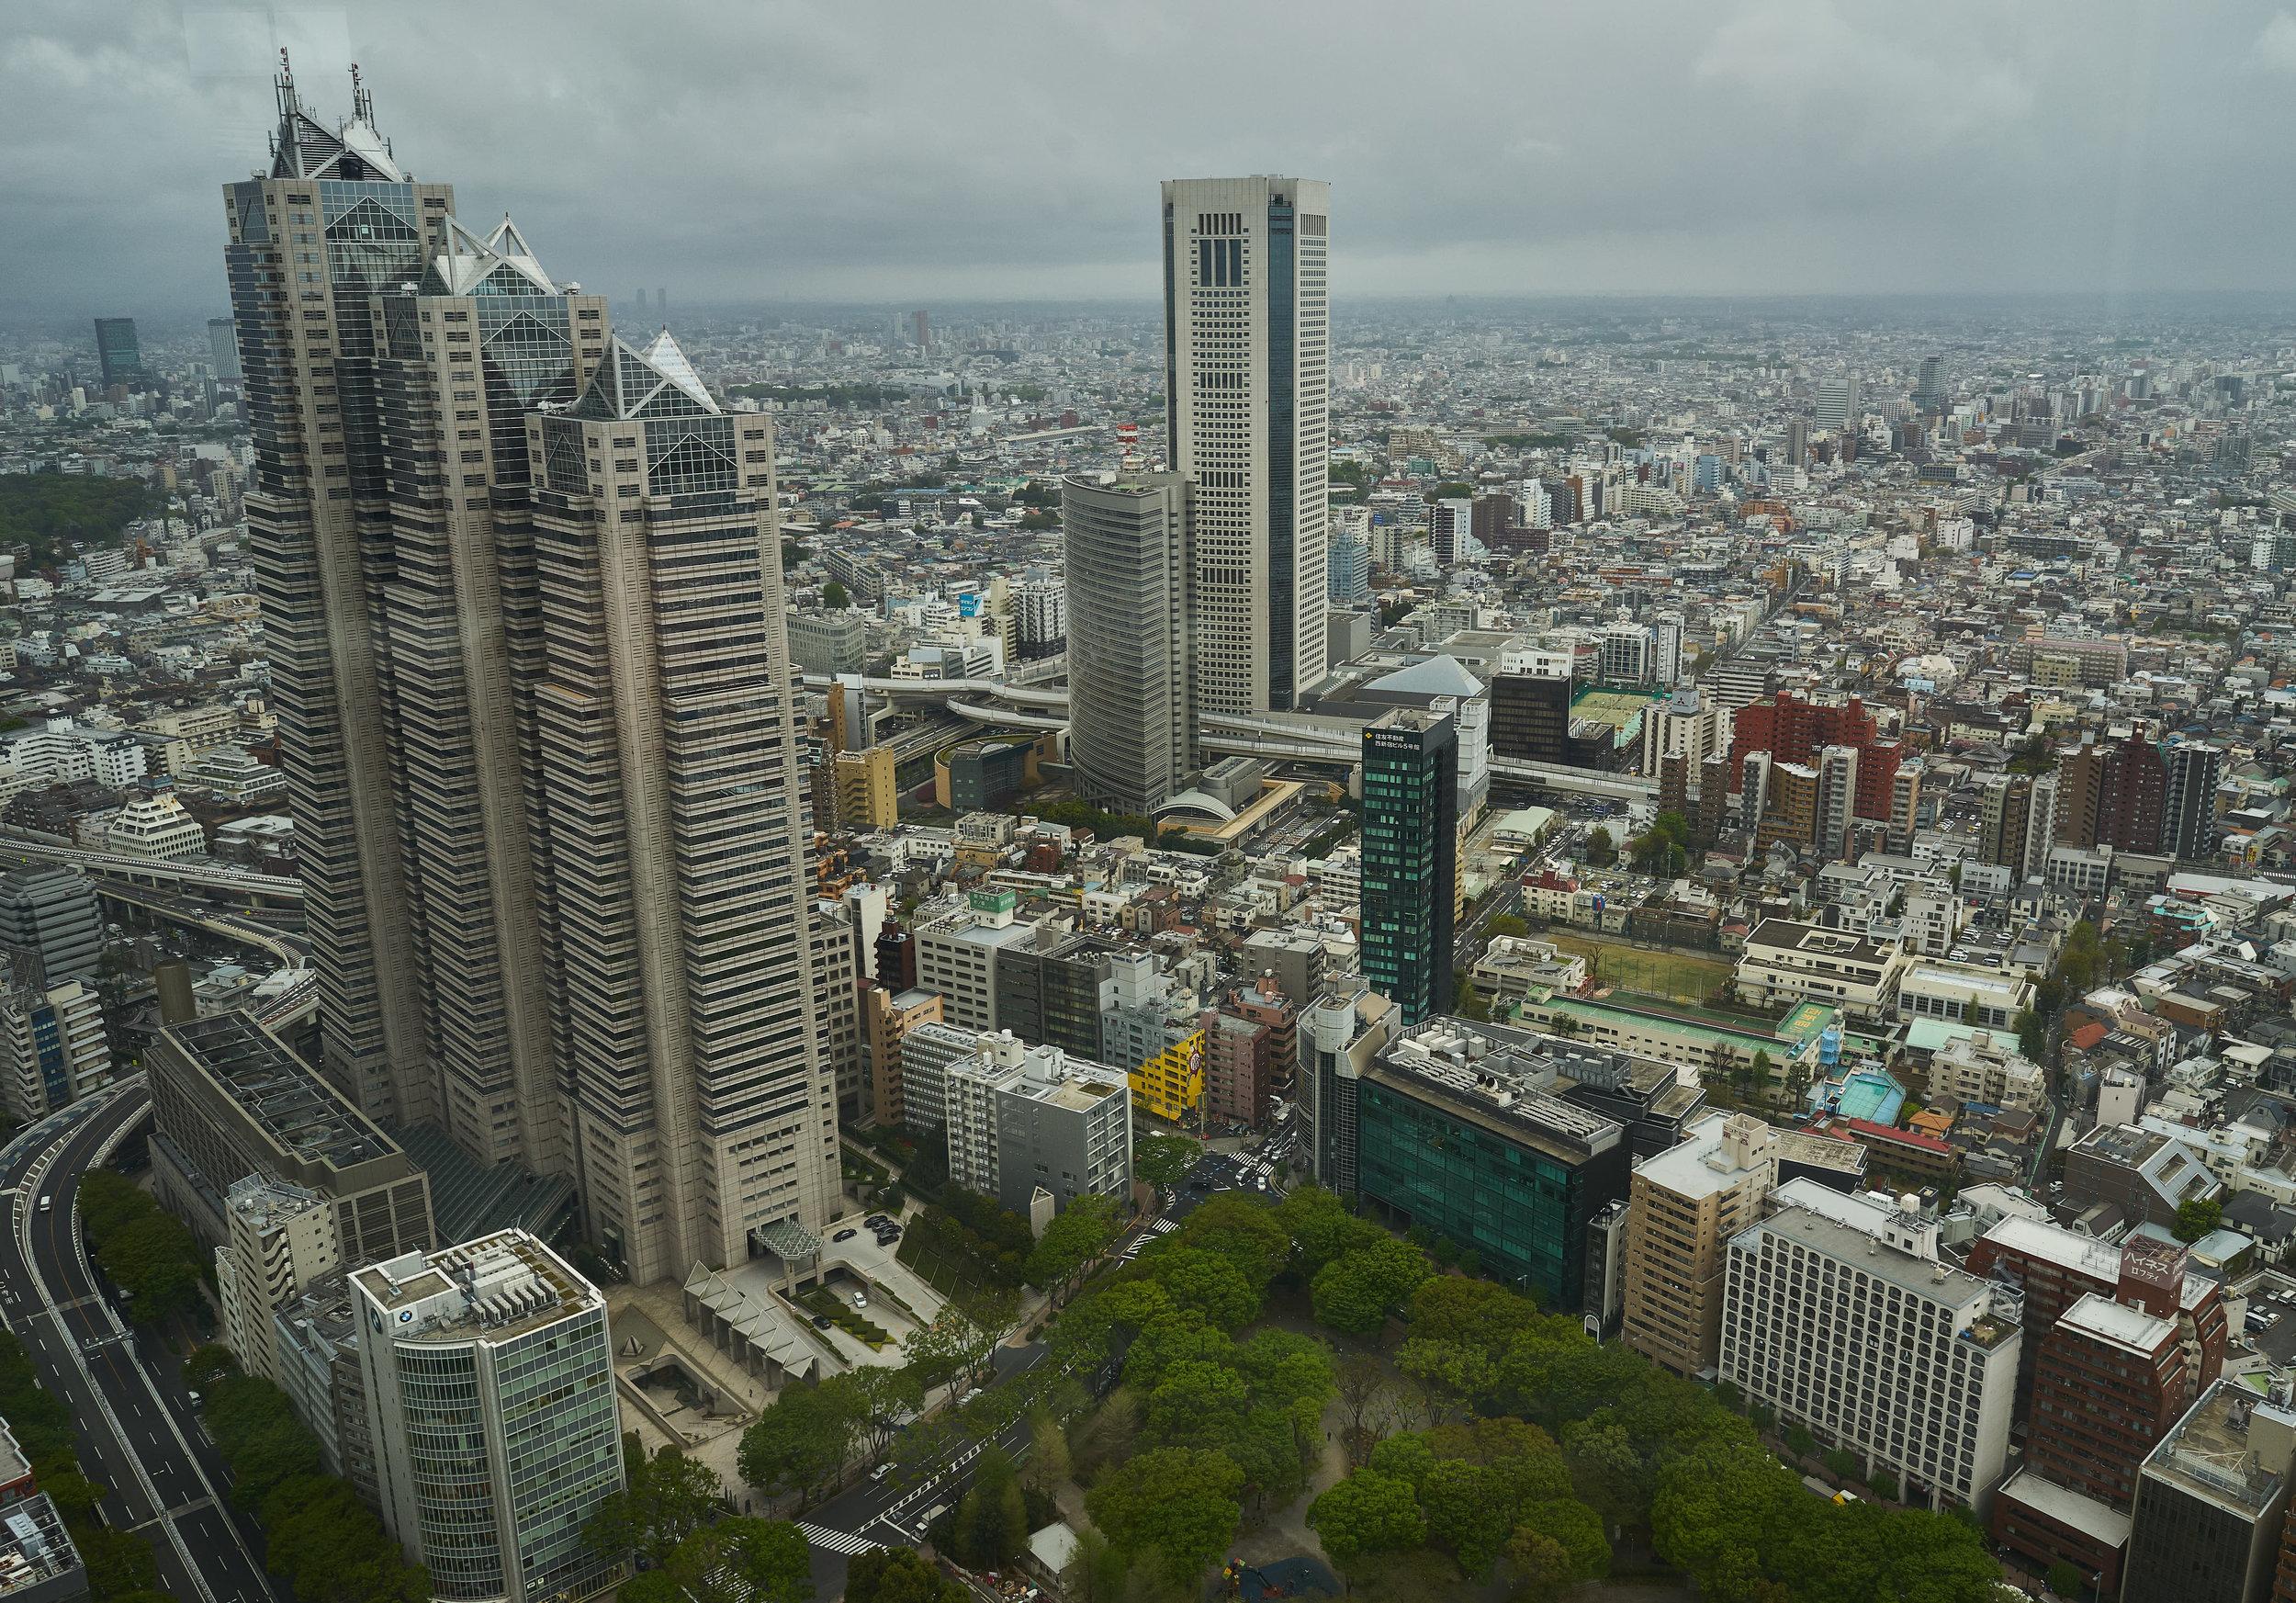 Tokio_Government Buidling_View_2_kom.jpg